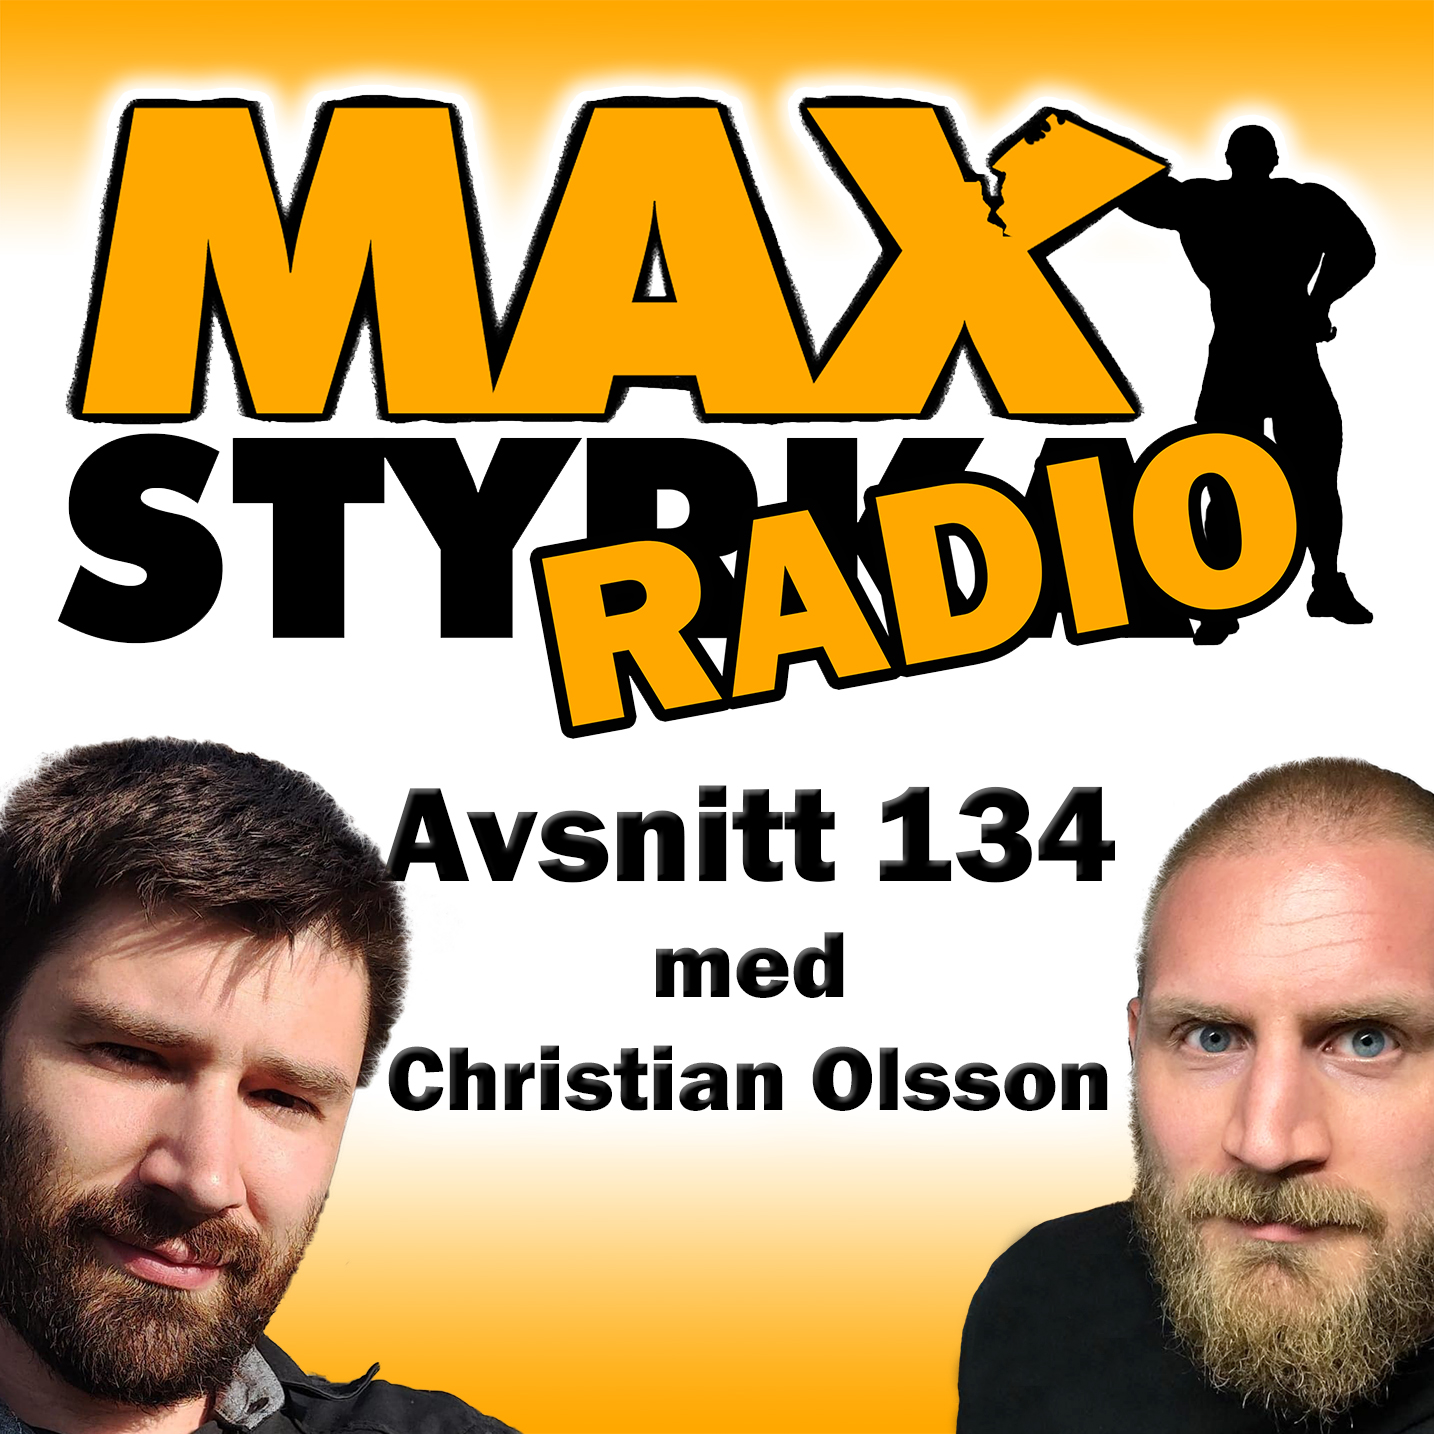 Avsnitt 134 - Christian Olsson show art